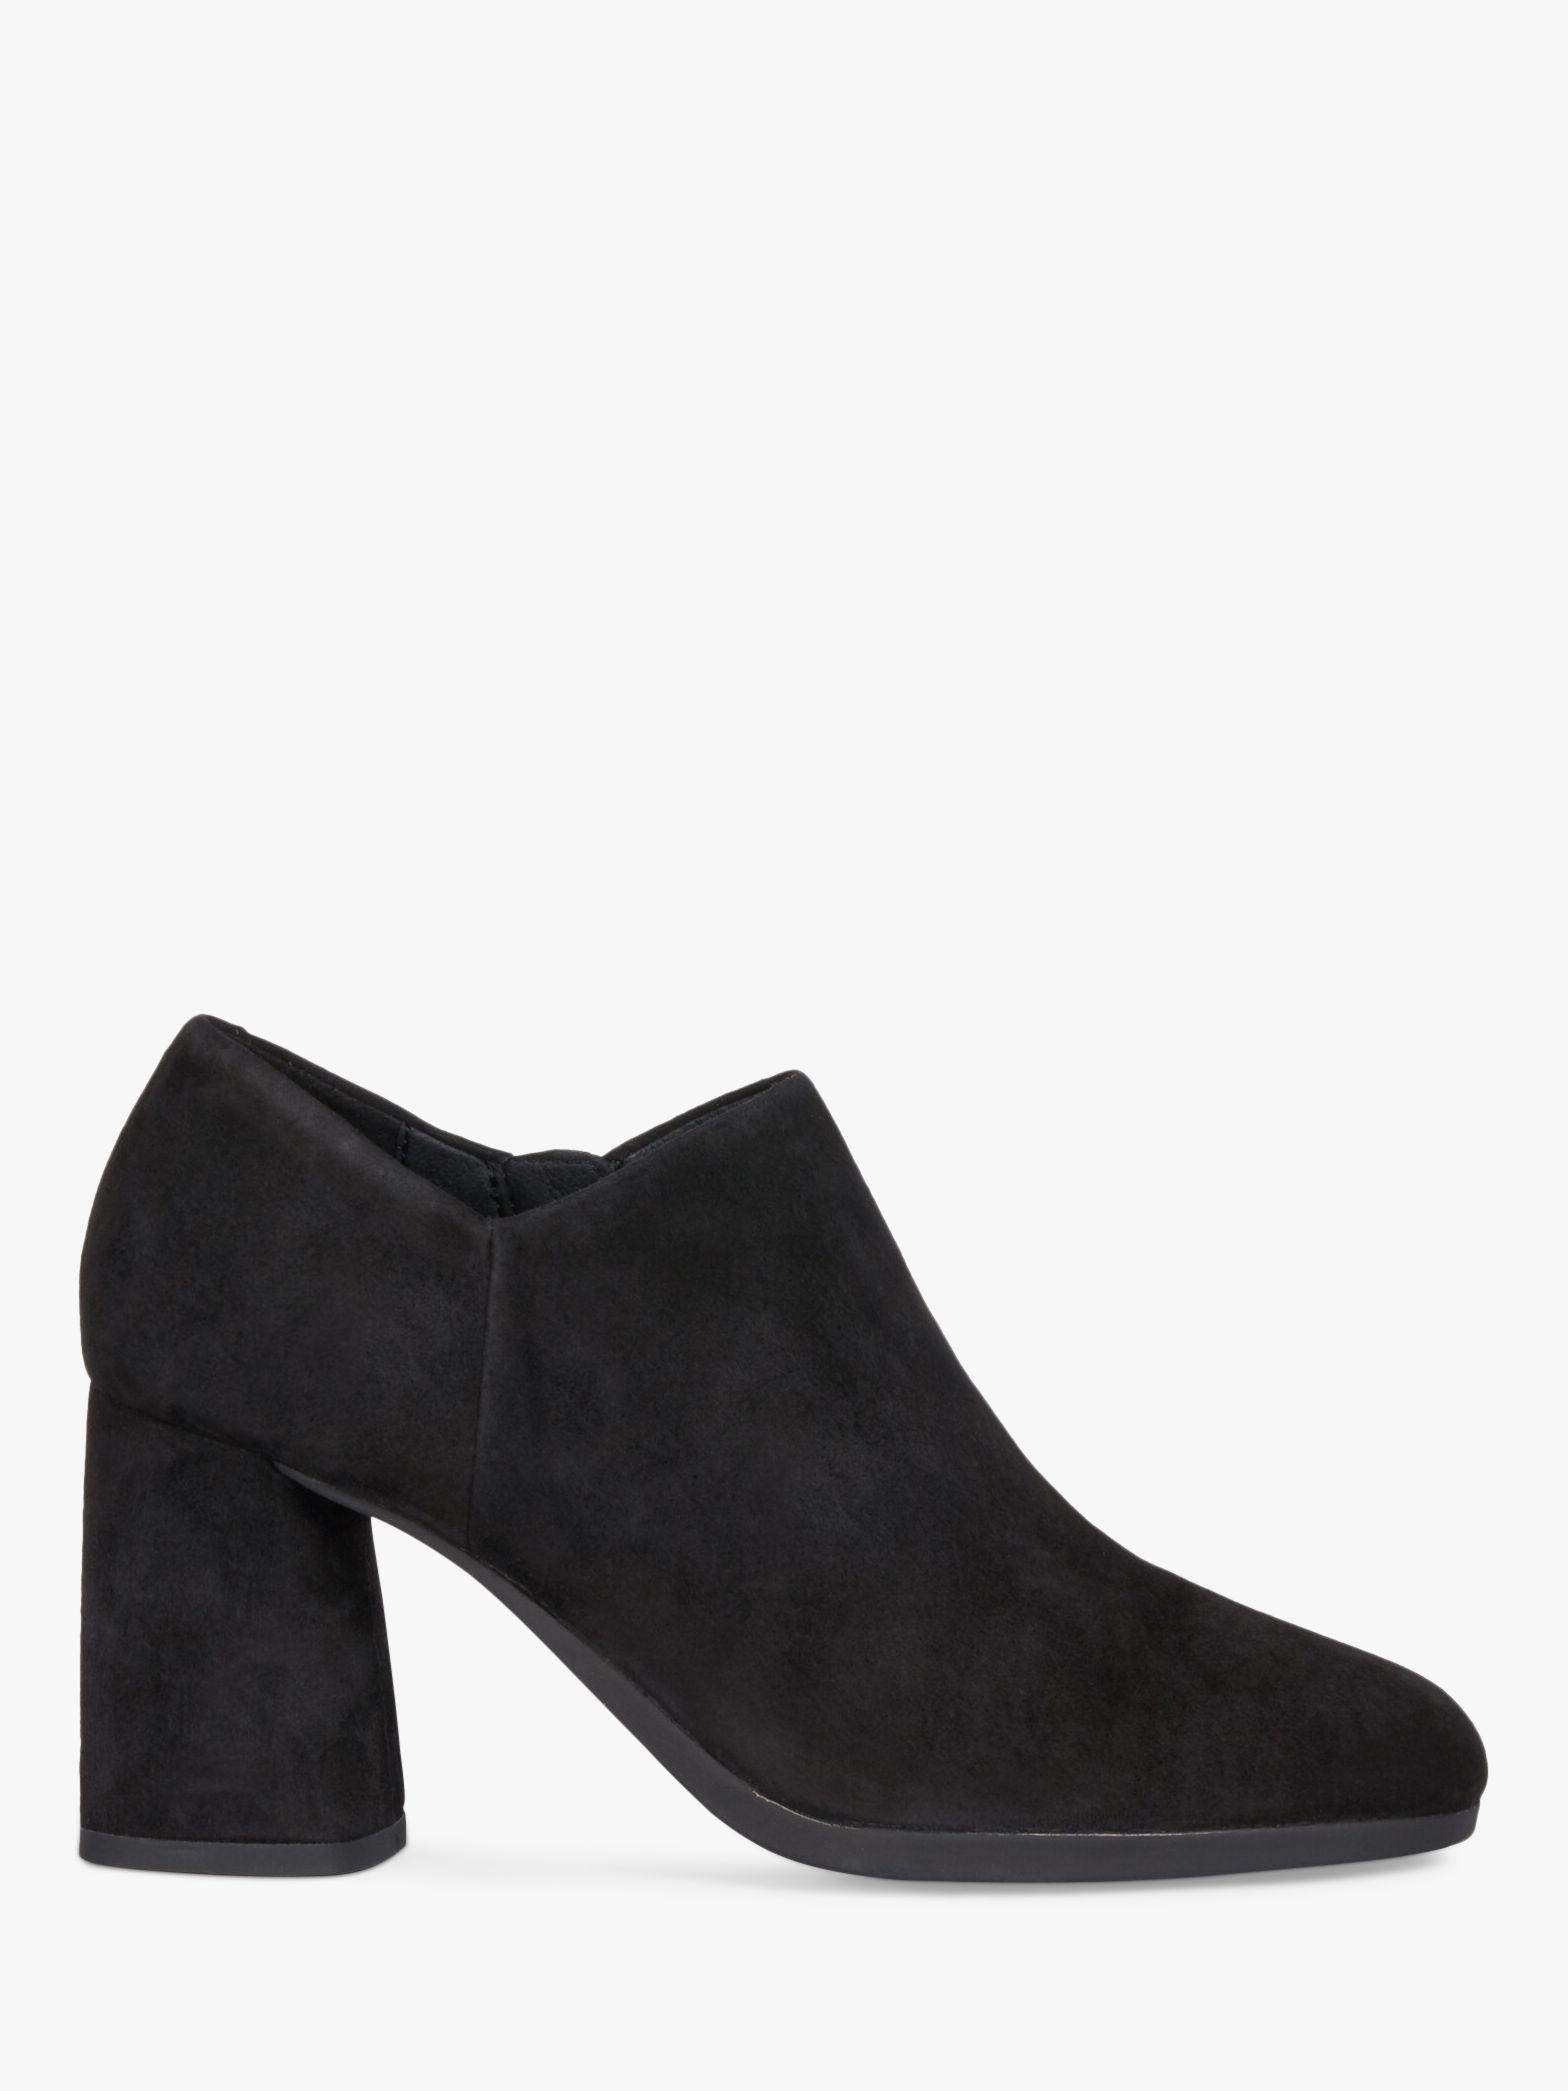 Geox Geox Women's Calinda Suede Block Heeled Shoe Boots, Black